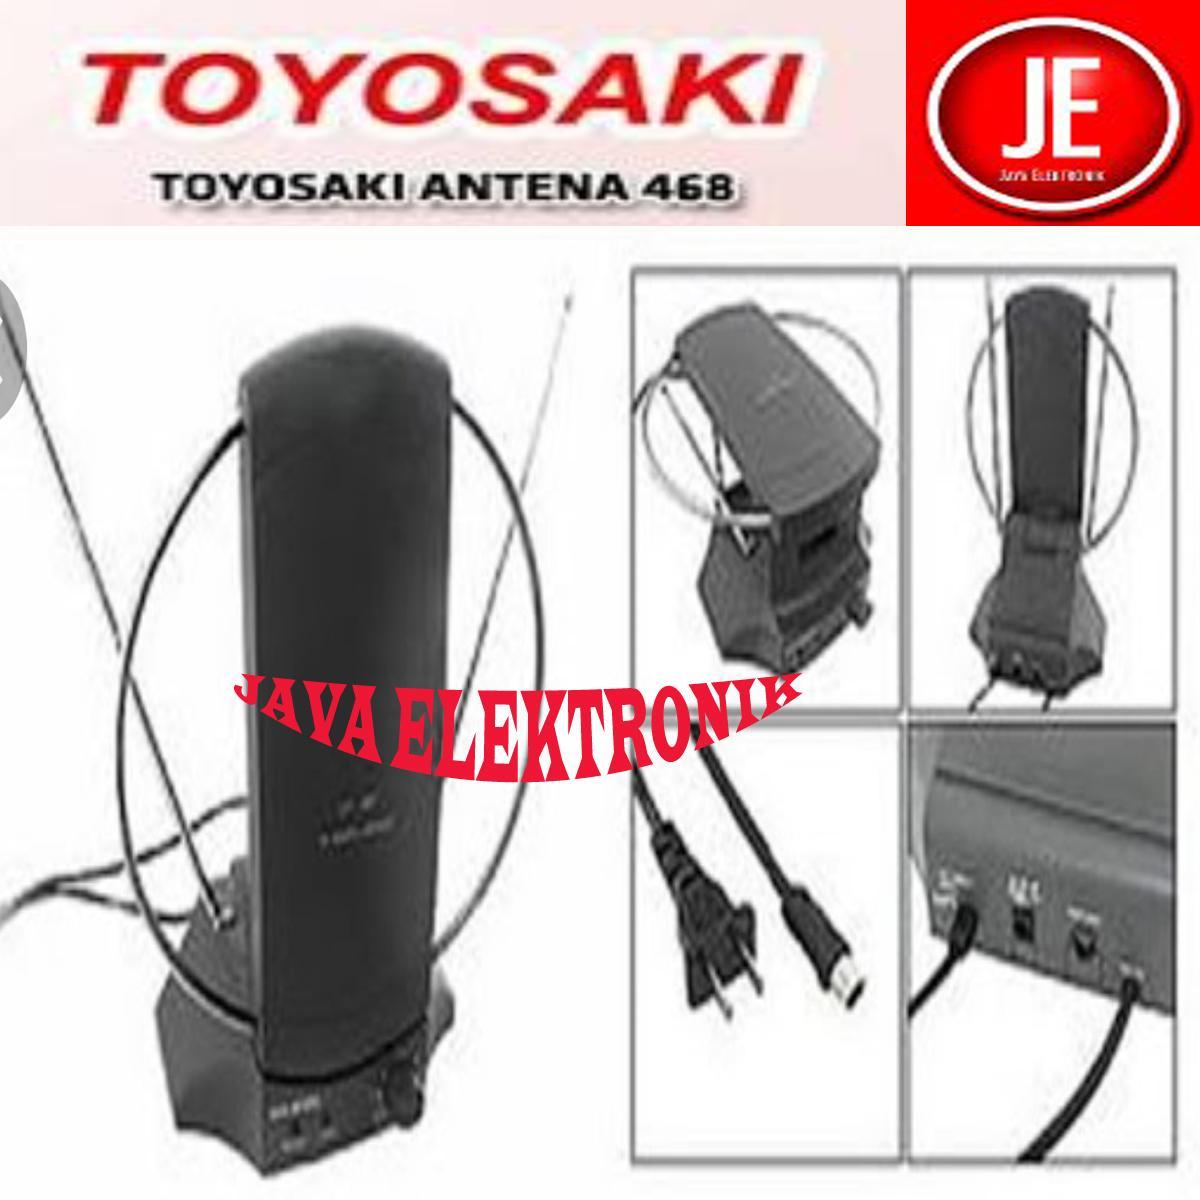 Detail Gambar Toyosaki Antena Dalam TYS 468 AW/Antena Indoor UHF + VHF ( Smart Gain Indicator Technology ) Terbaru